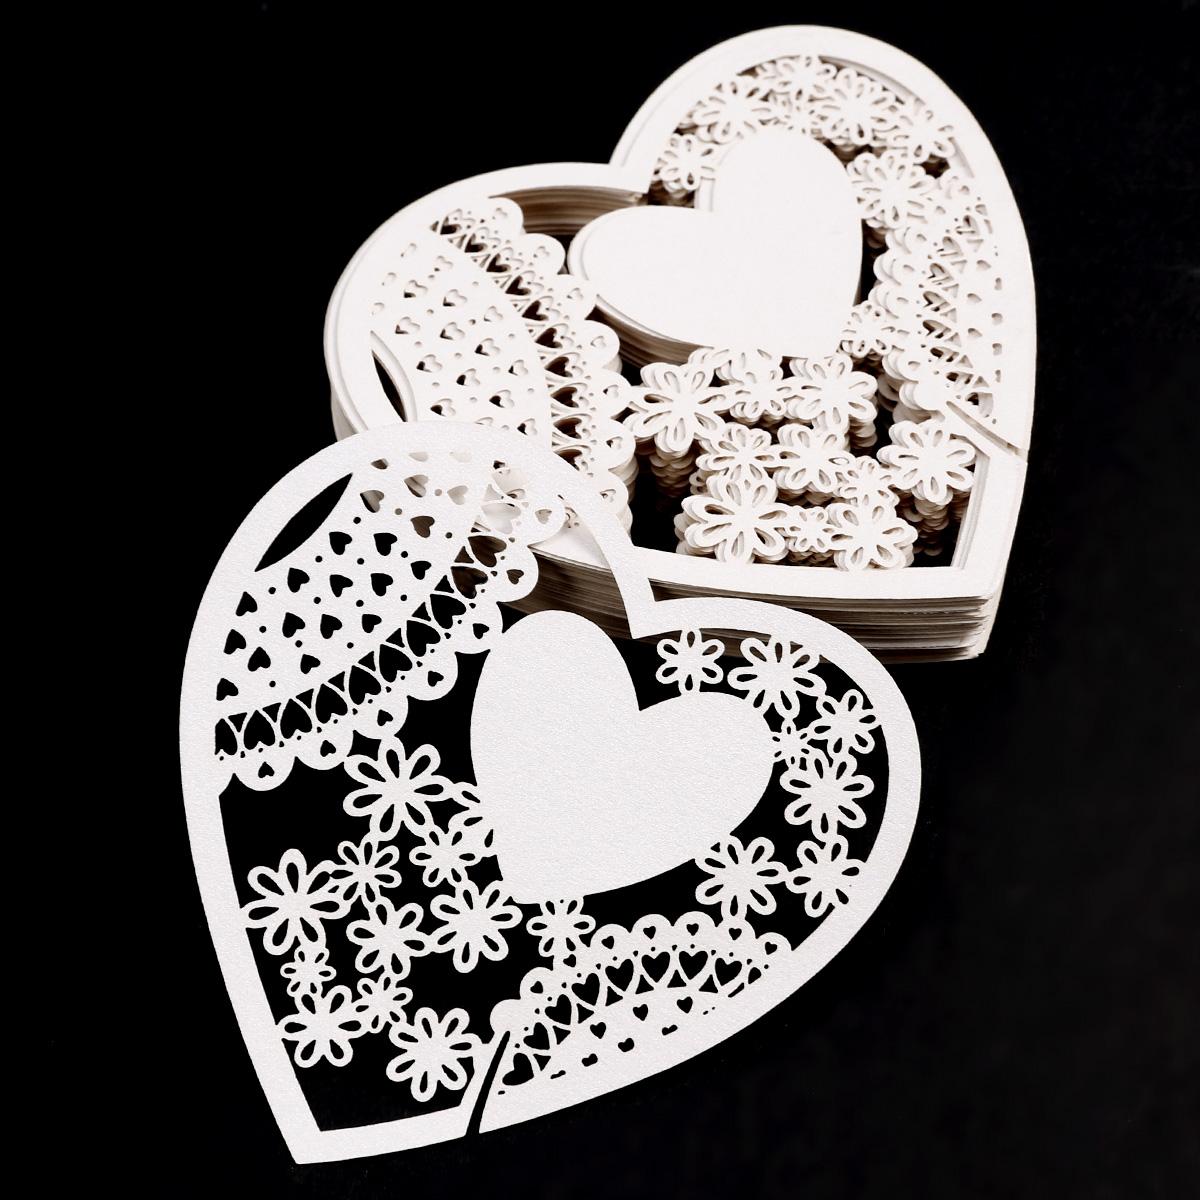 50pcs carte de verre coeur 8cm porte nom marque place pr - Marque place coeur pied de verre ...